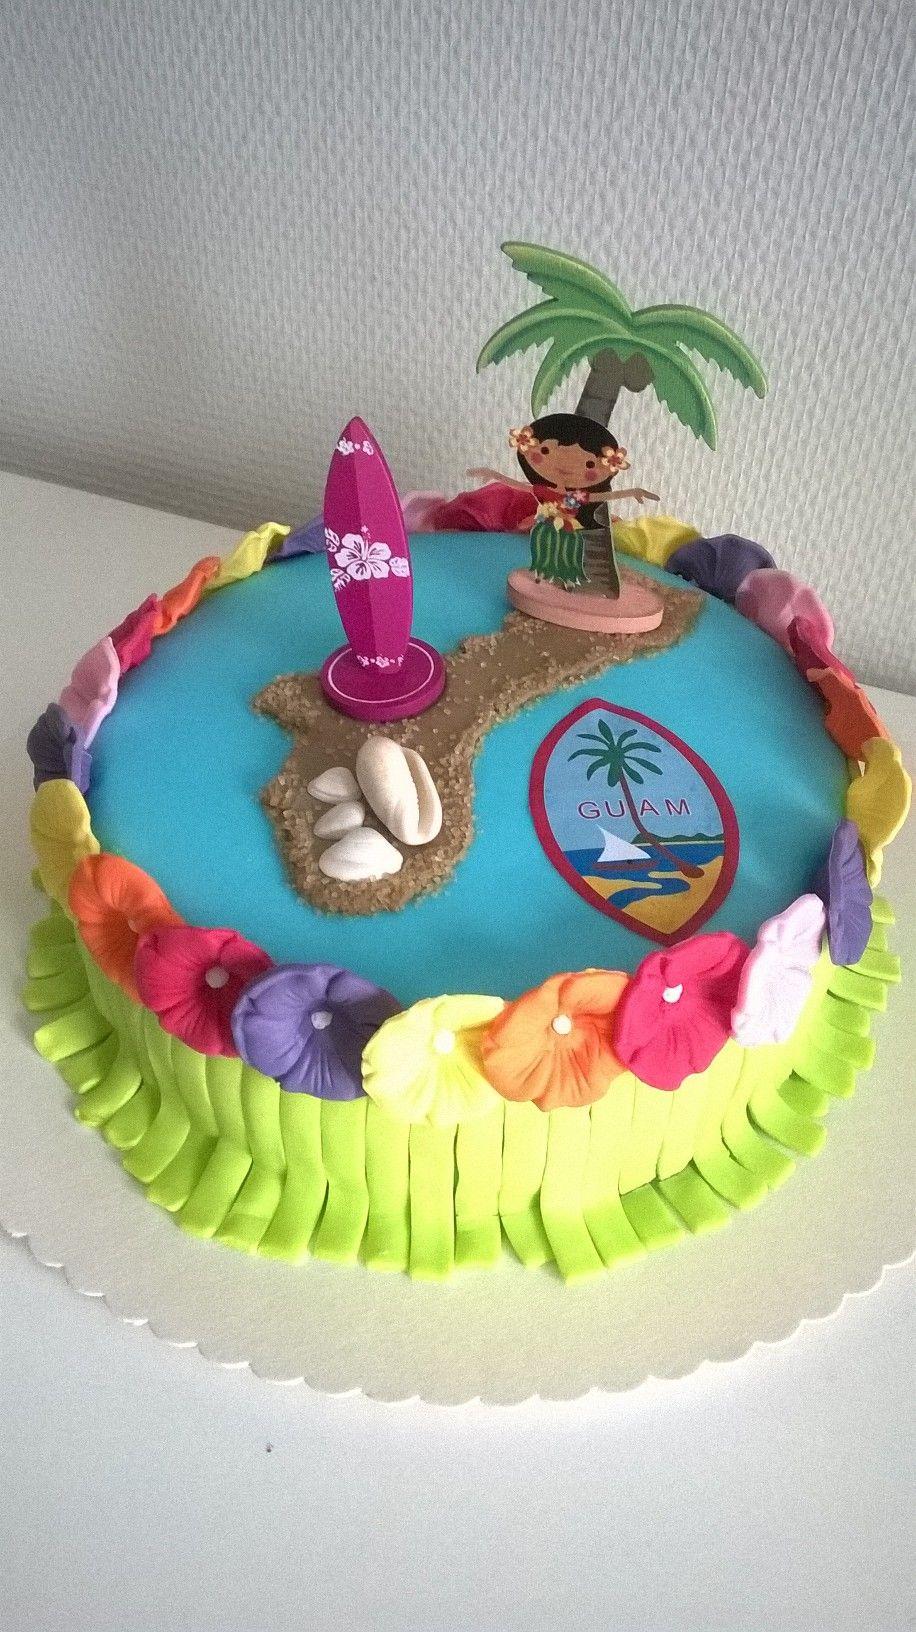 Recette Cake Design Anniversaire